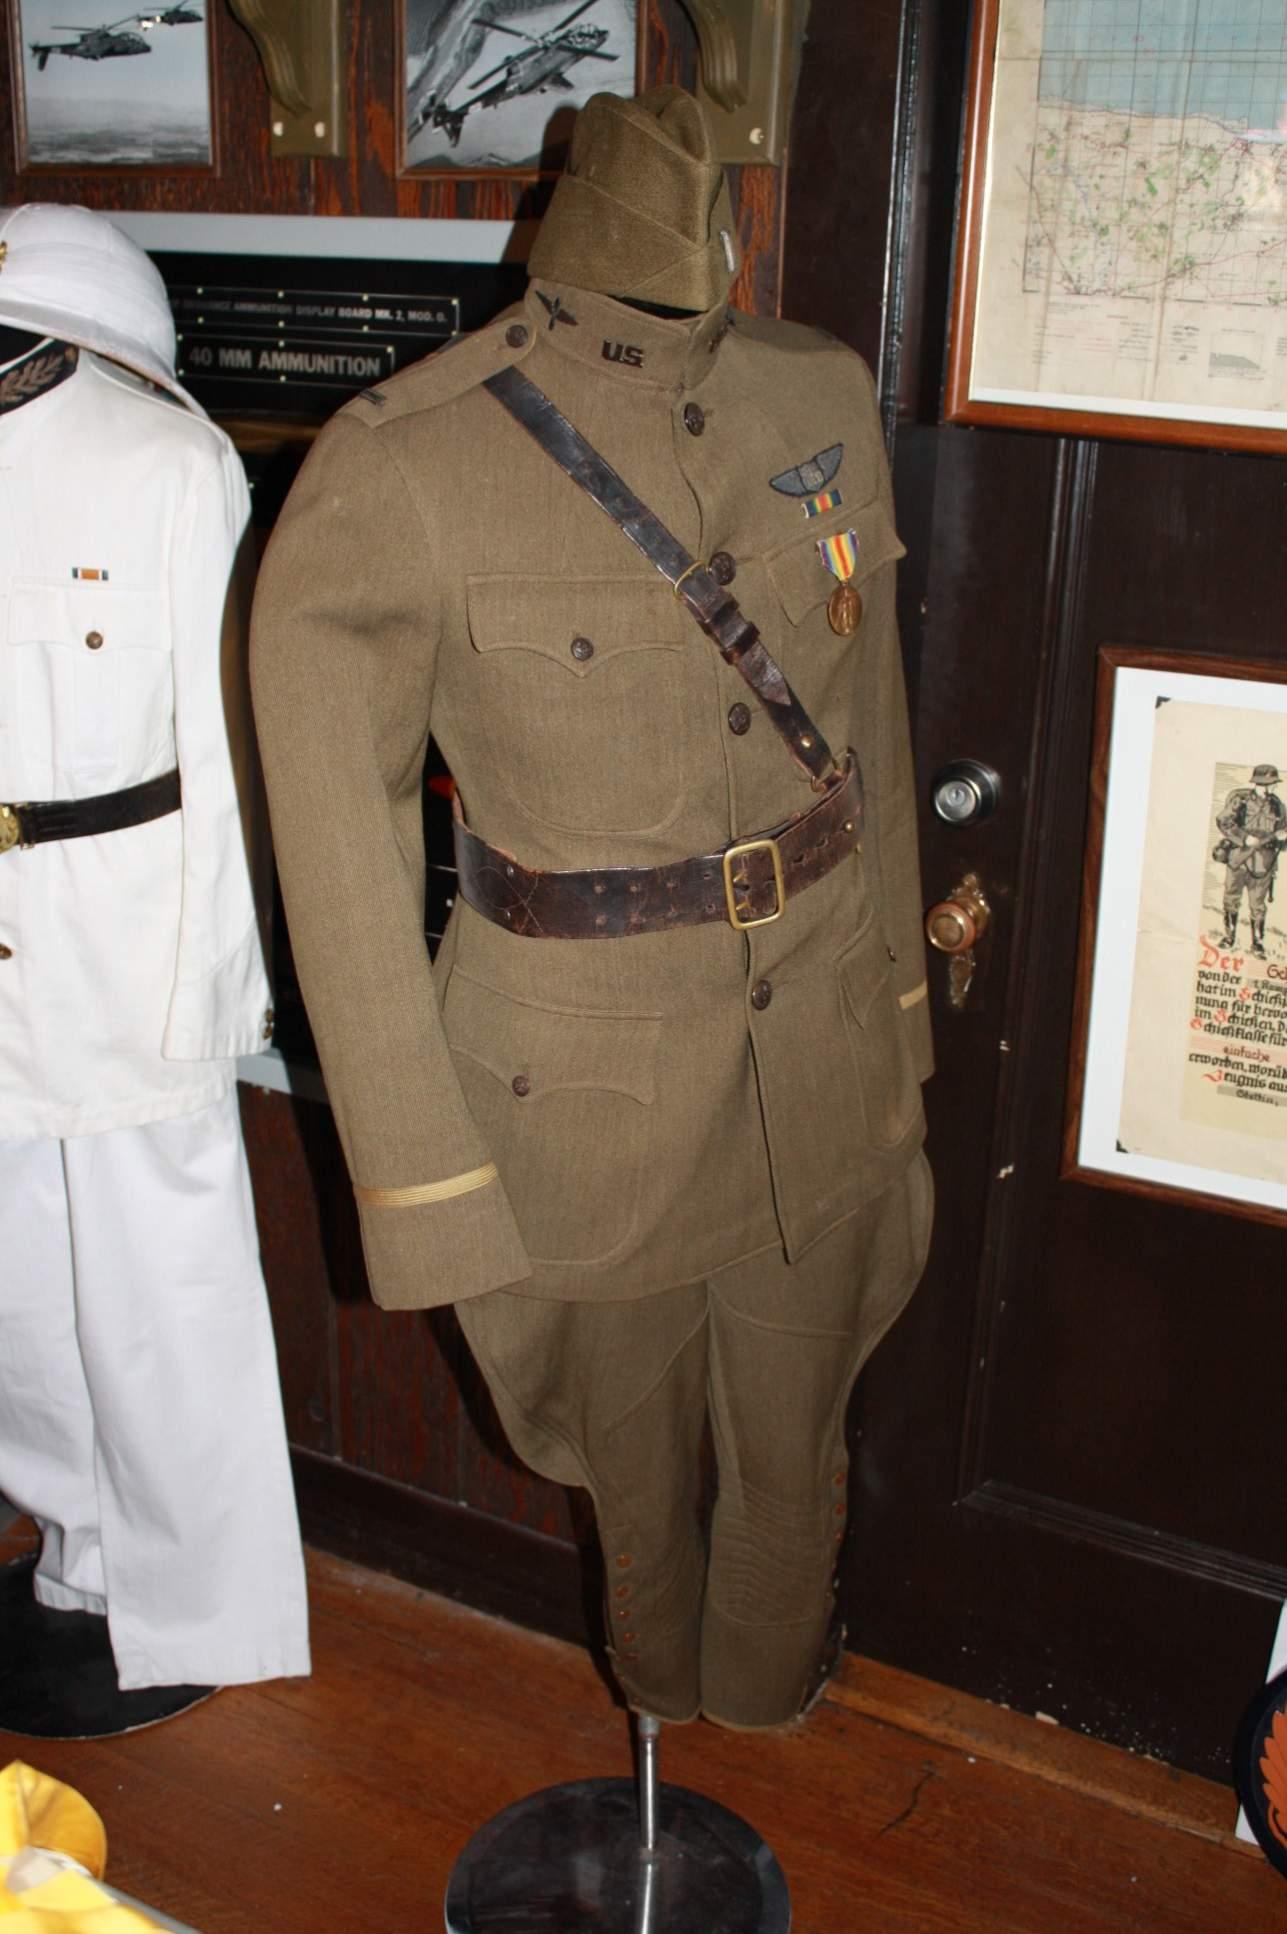 Lt Allens WWI uniform